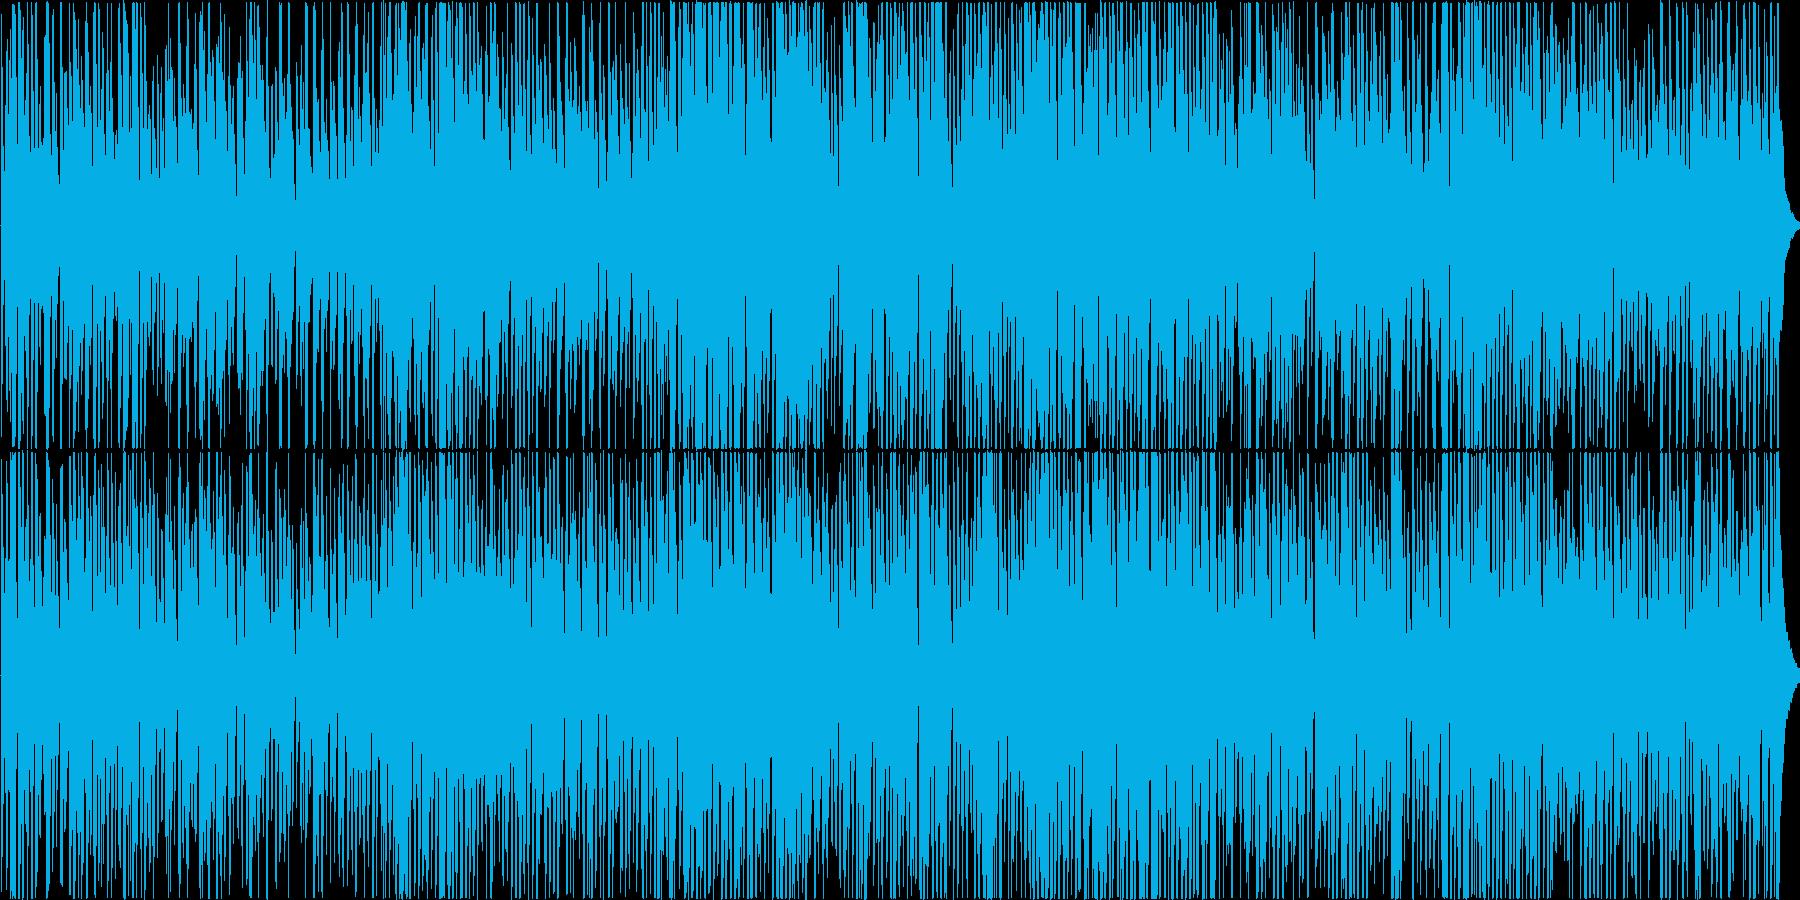 ちょっと怪しいジャズの再生済みの波形